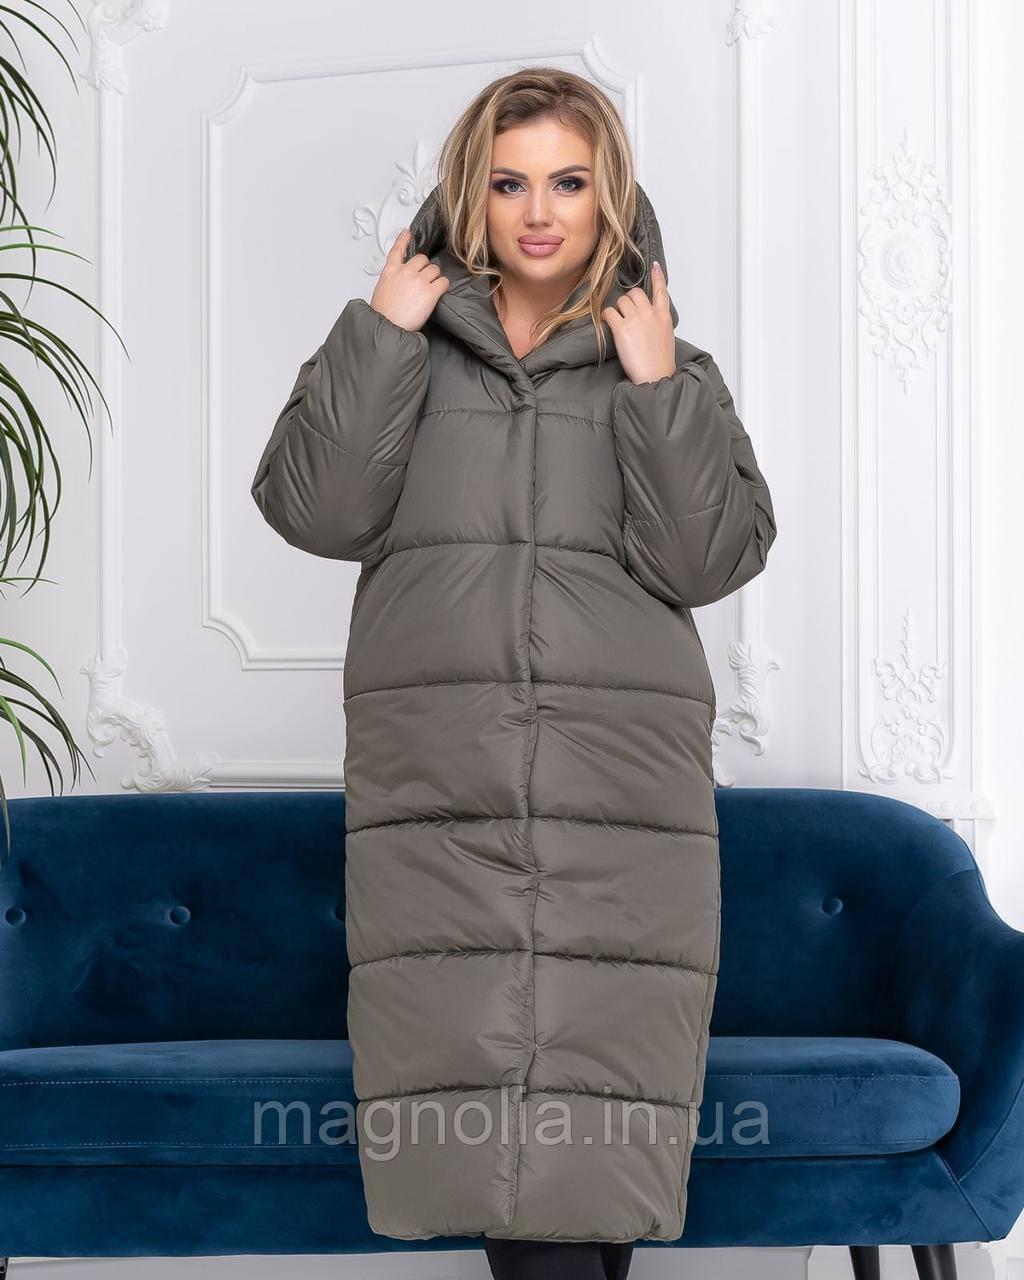 Зимняя теплая длинная БАТАЛ куртка пальто пуховик оверсайз одеяло с капюшоном плащевка + силикон